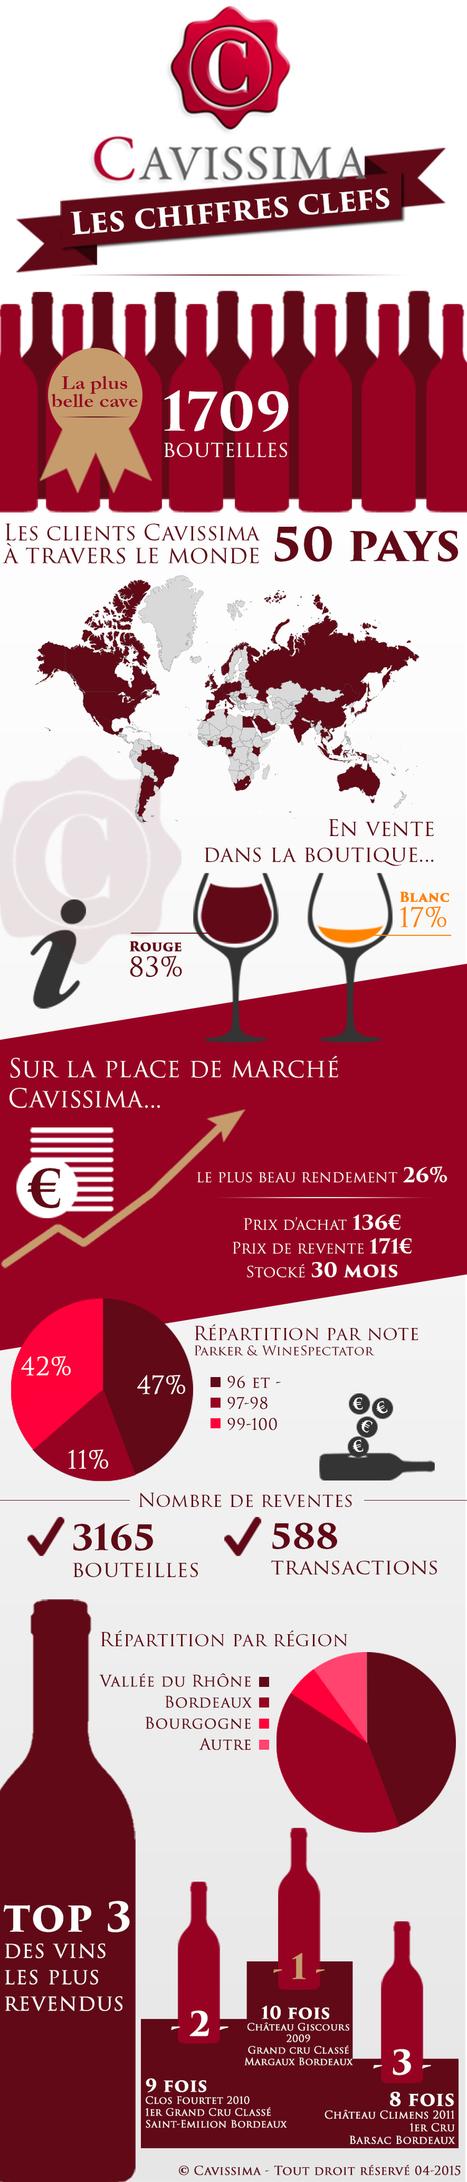 Cavissima: les chiffres clefs | Cavissima - Actualité vin | Scoop.it